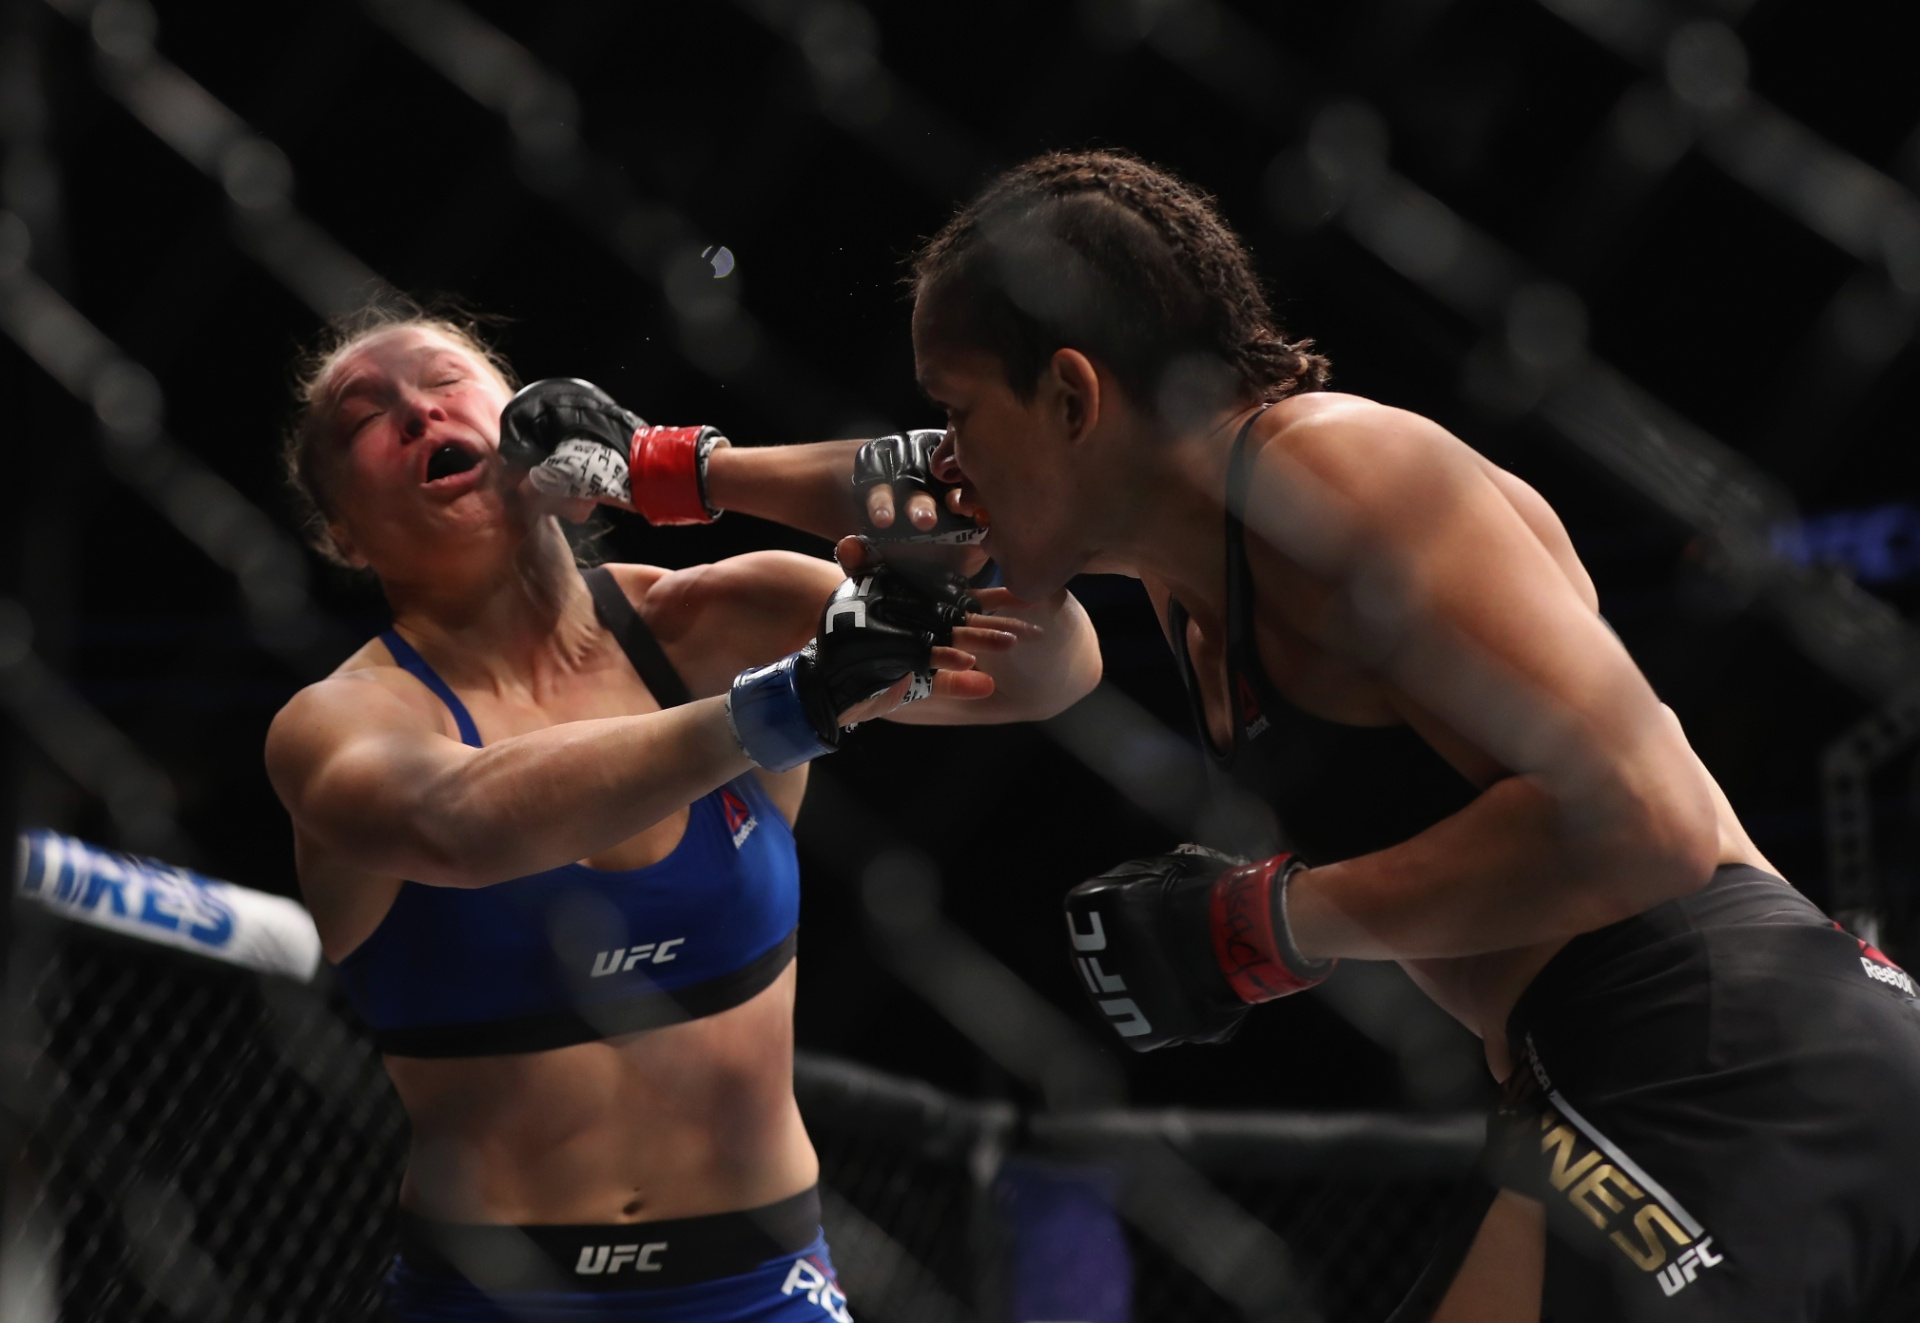 Especial- Amanda Nunes dá soco em ronda Rousey na luta entre as duas